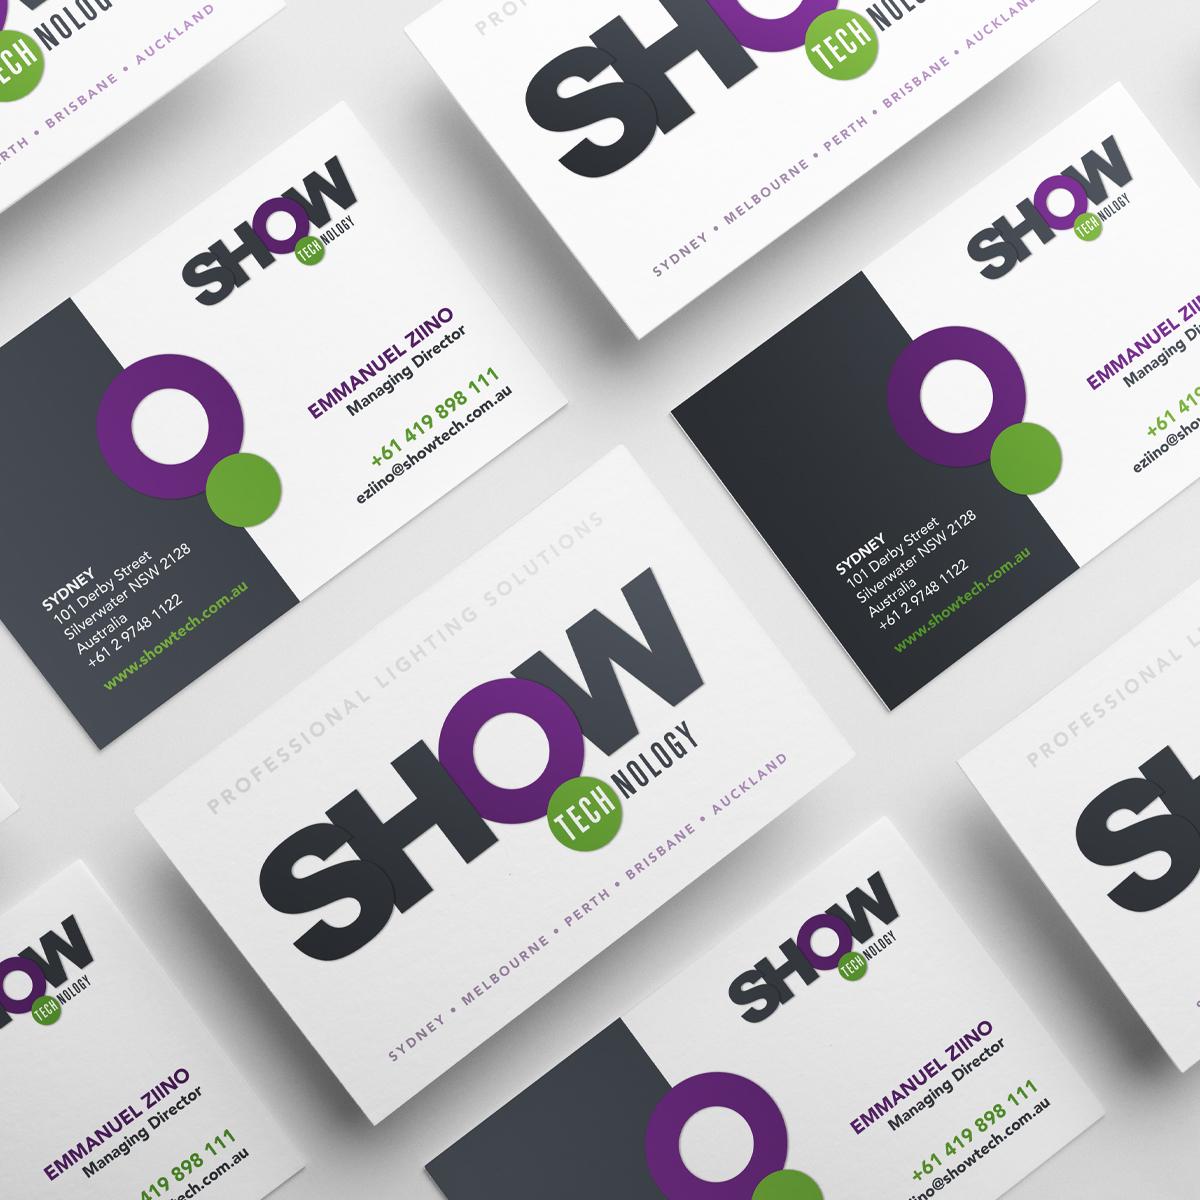 Mela-Creative-Show Technology-Branding-Business Card